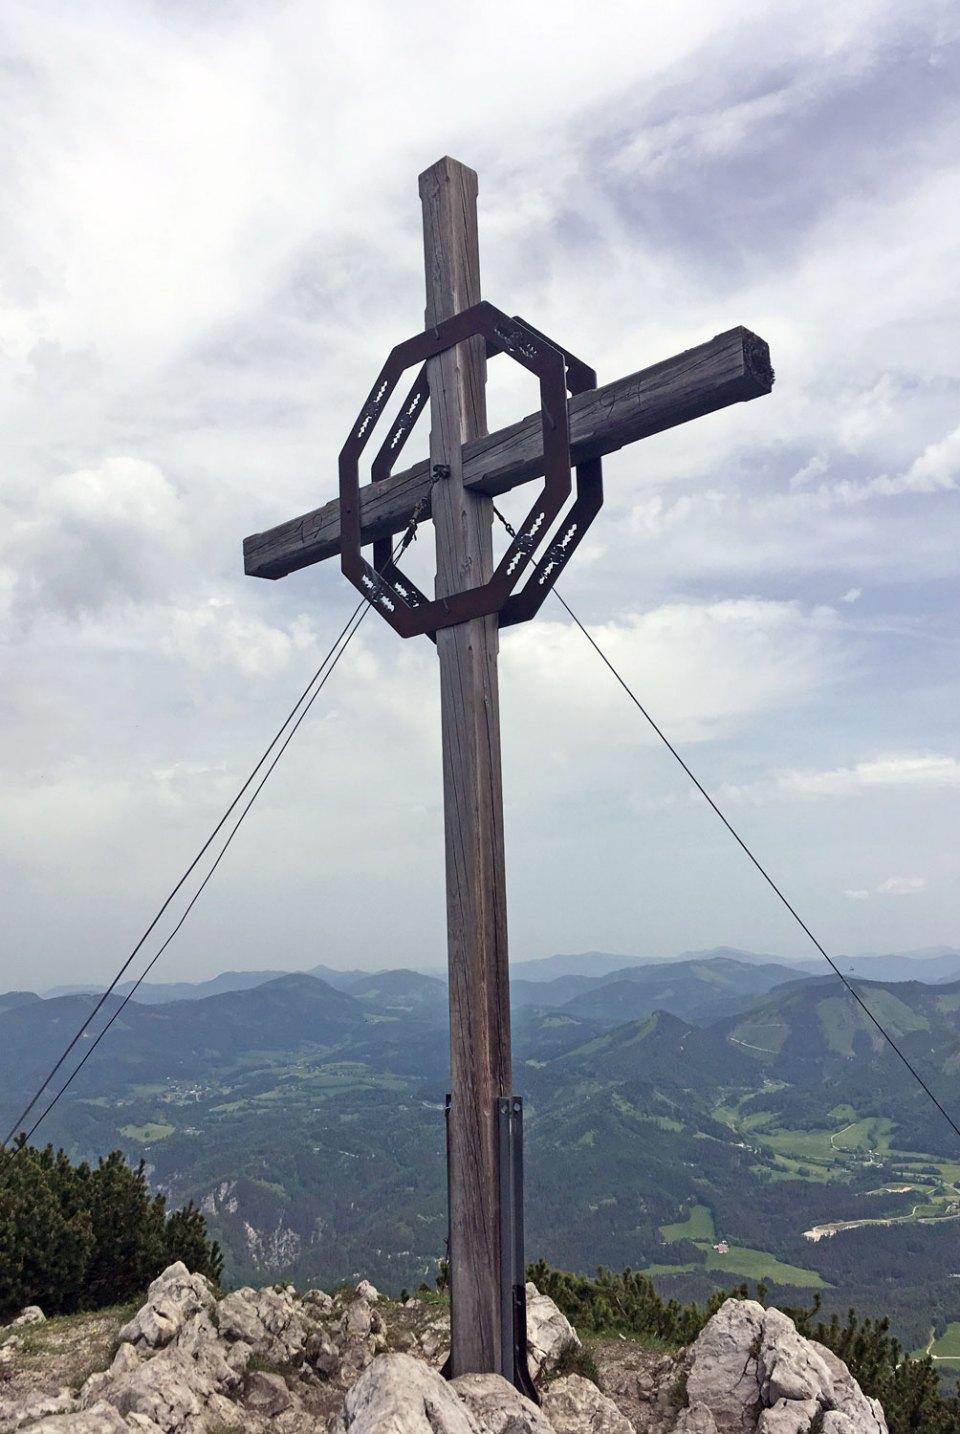 Gipfel der Gemeindealpe im Mostviertel